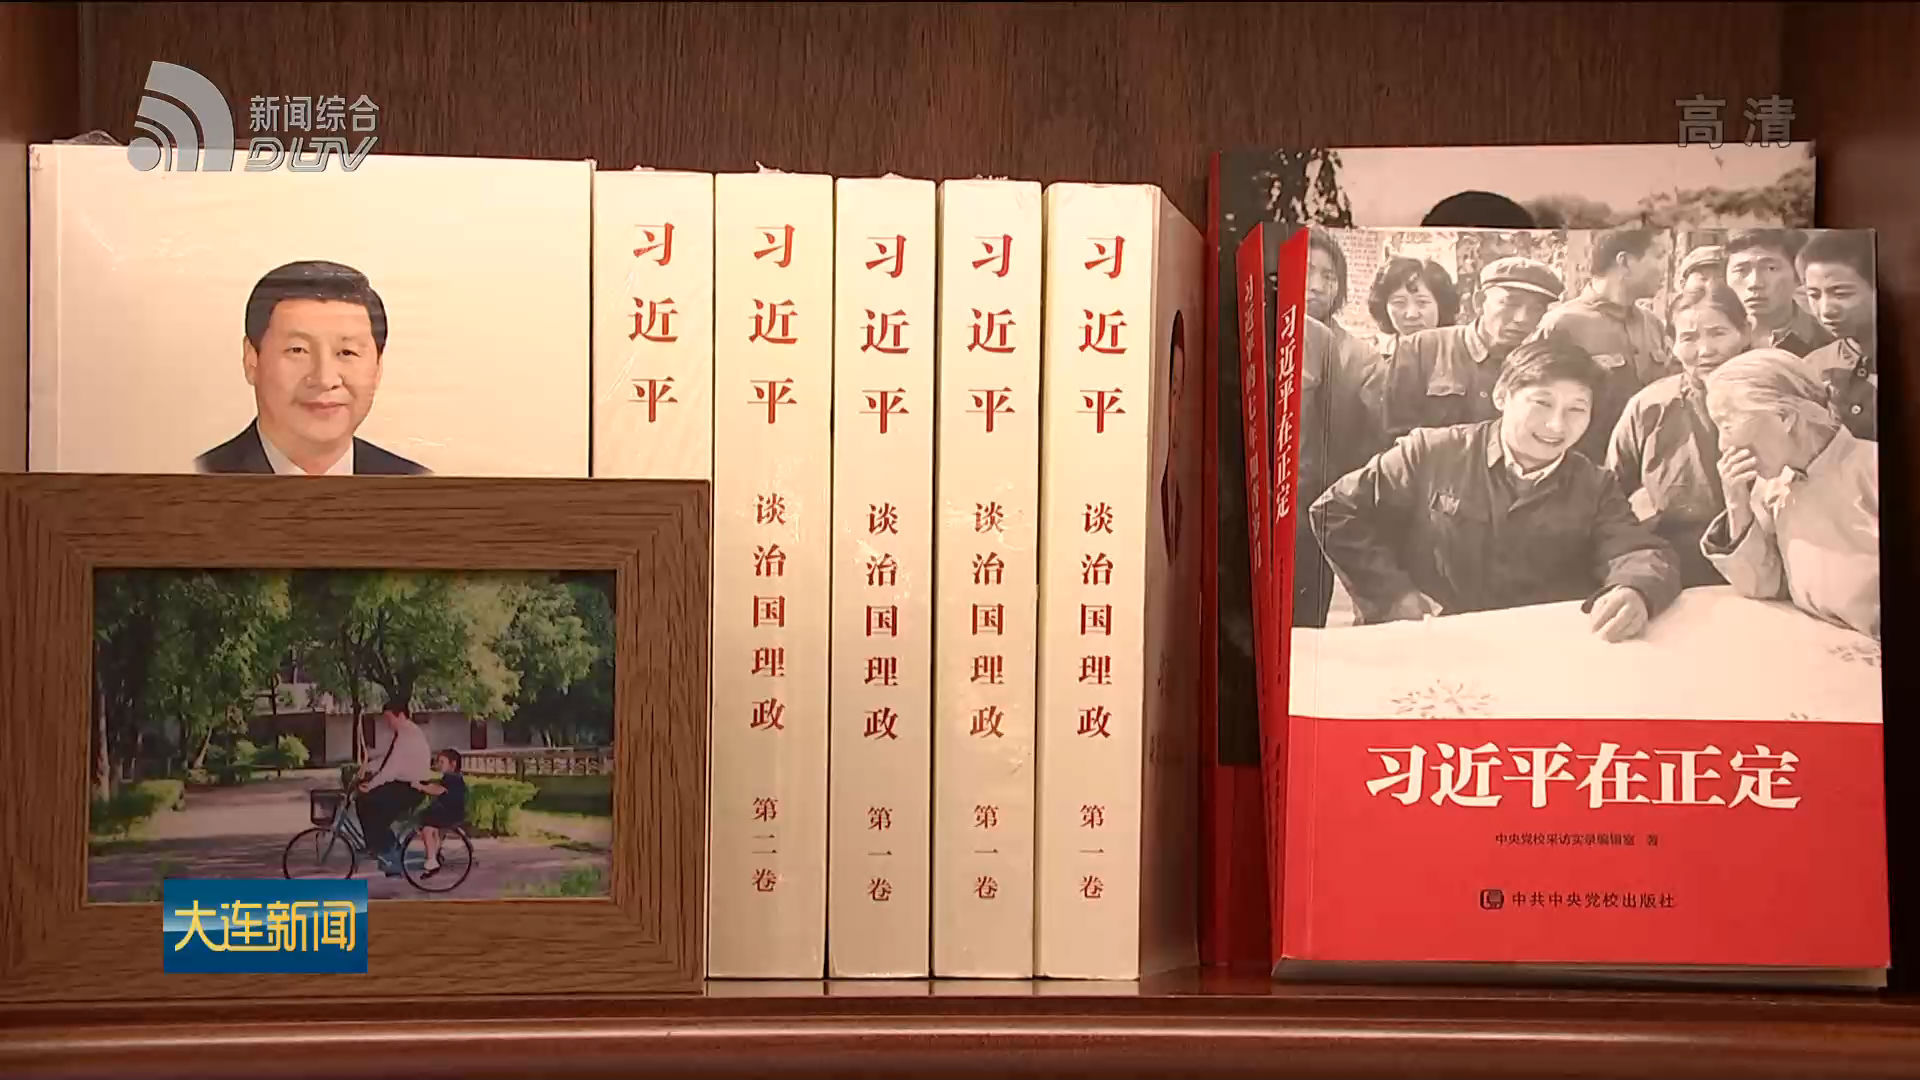 濱城書店展示展銷近百種優秀出版物